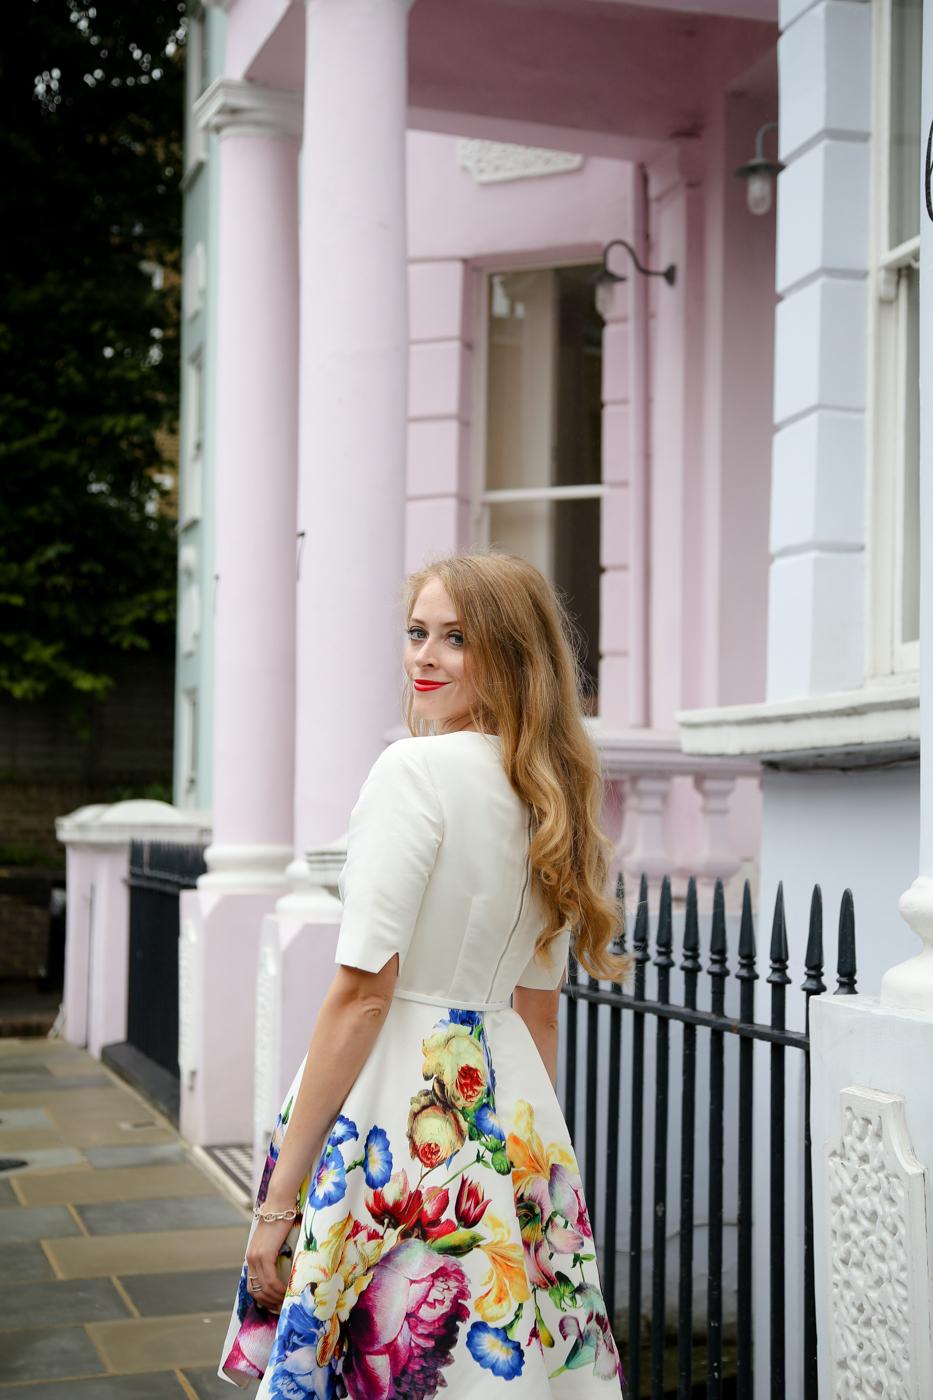 ted-baker-floral-dress-7-of-10